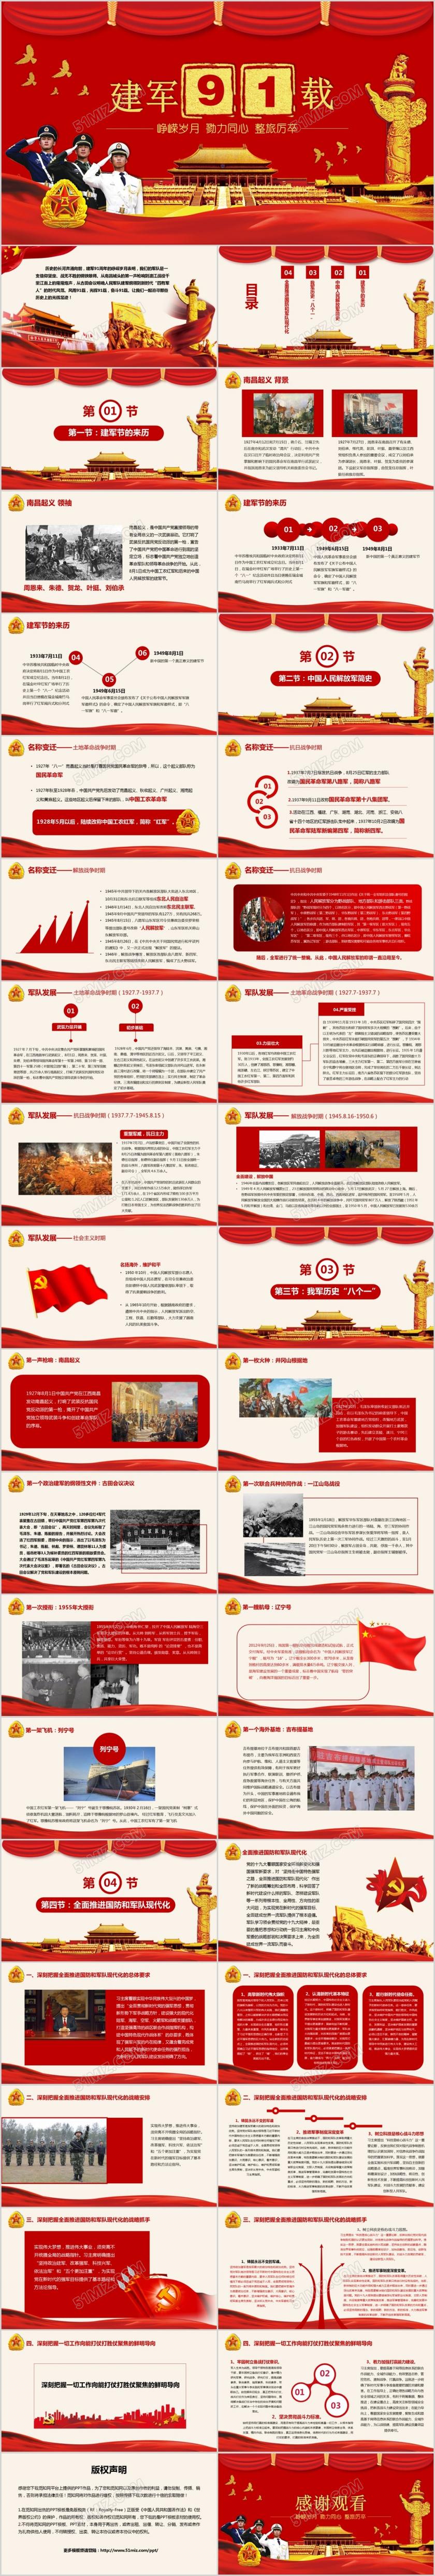 八一建军节回顾红色历史军事军队庆典PPT